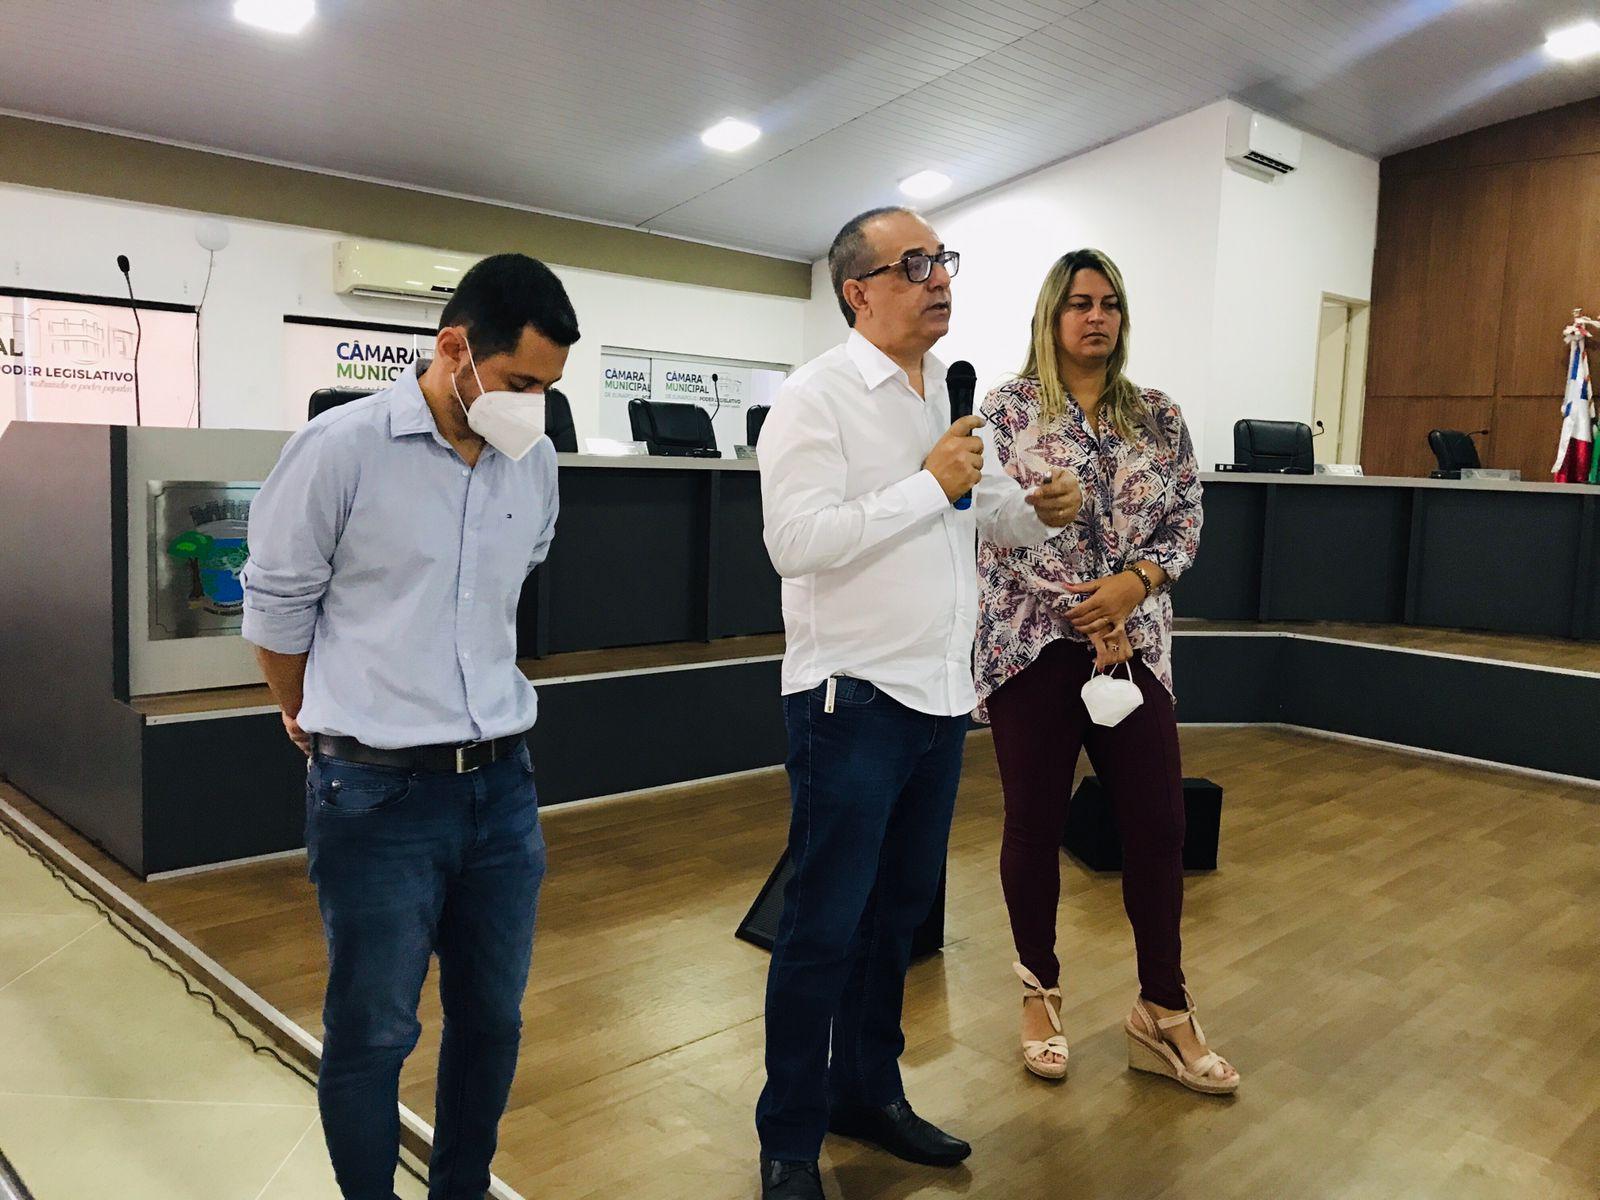 Prefeitura de Eunápolis realiza audiência pública para apresentar dados sobre o segundo quadrimestre de 2021 22